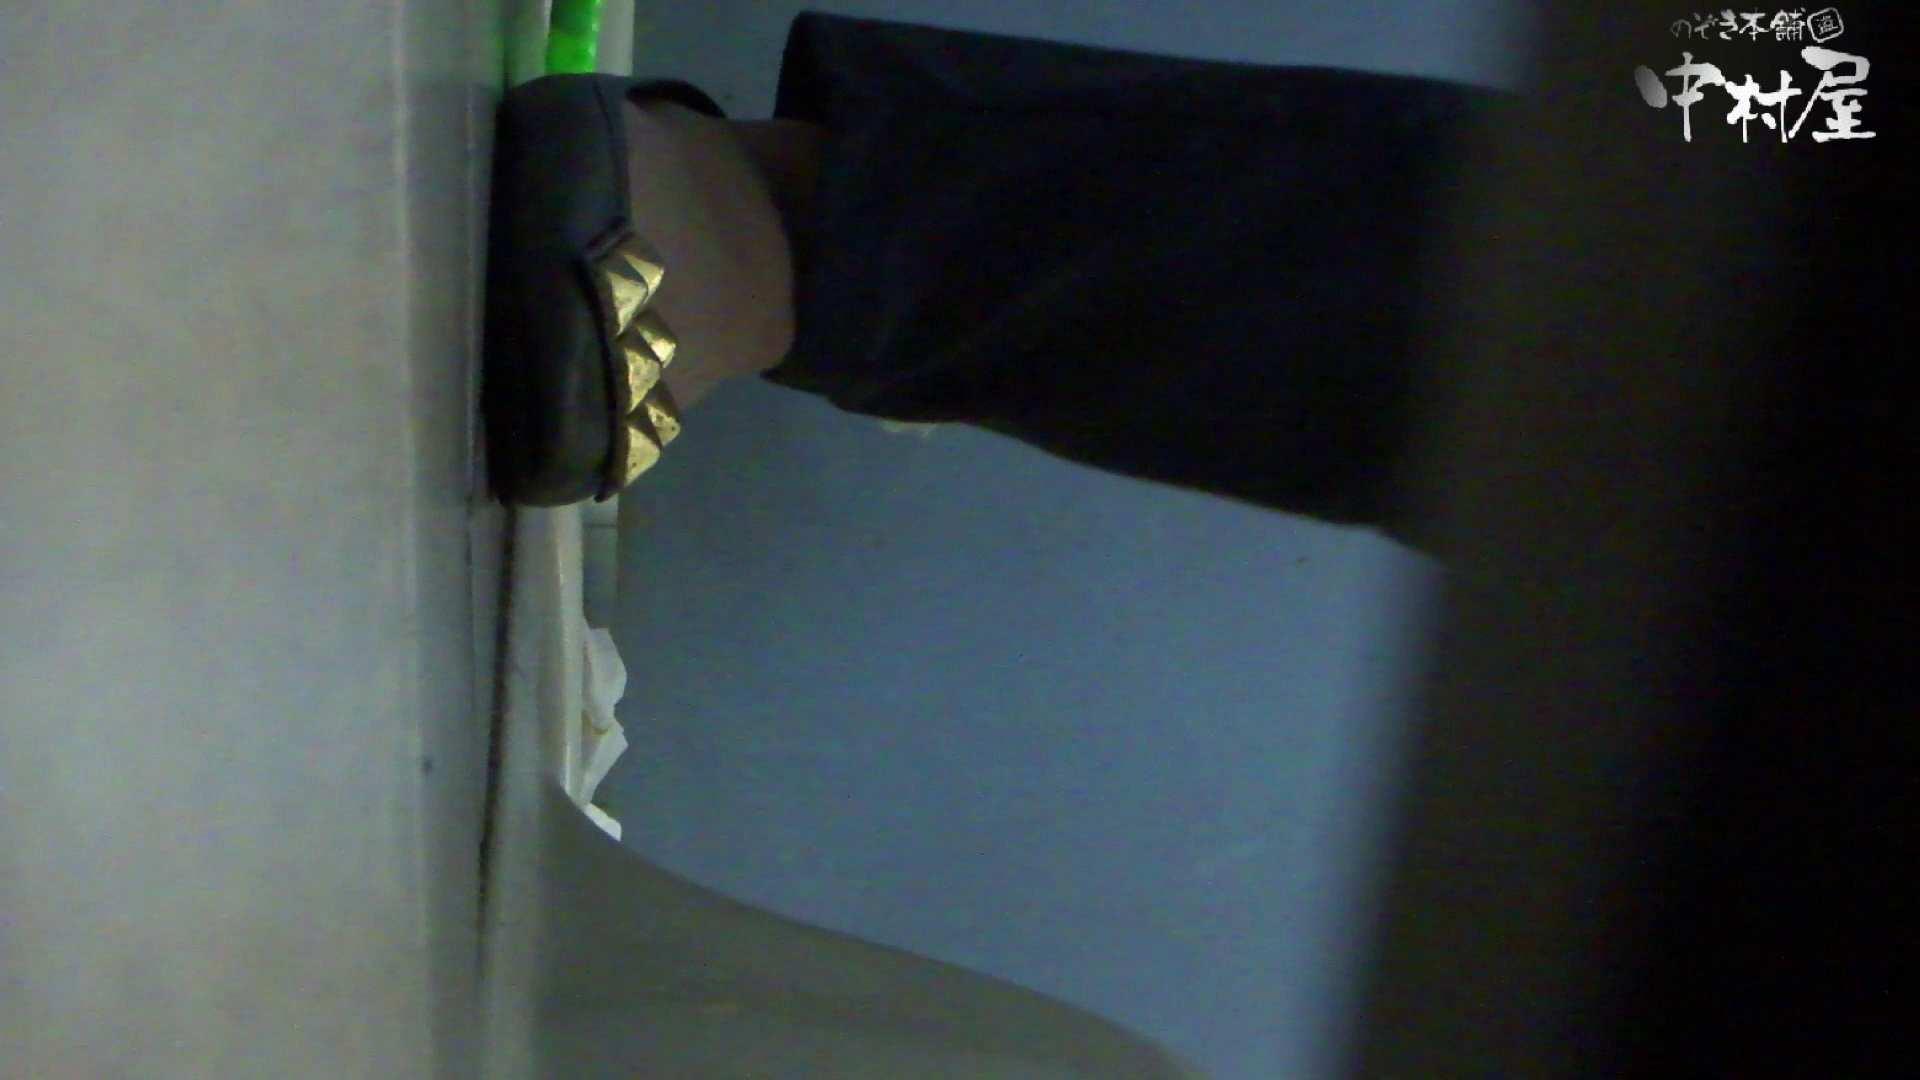 【美人が集まるファッションショッピングセンター洗面所盗SATU】ギャルのツルピカ潜入盗satu!Vol.09 高画質 隠し撮りオマンコ動画紹介 81連発 79